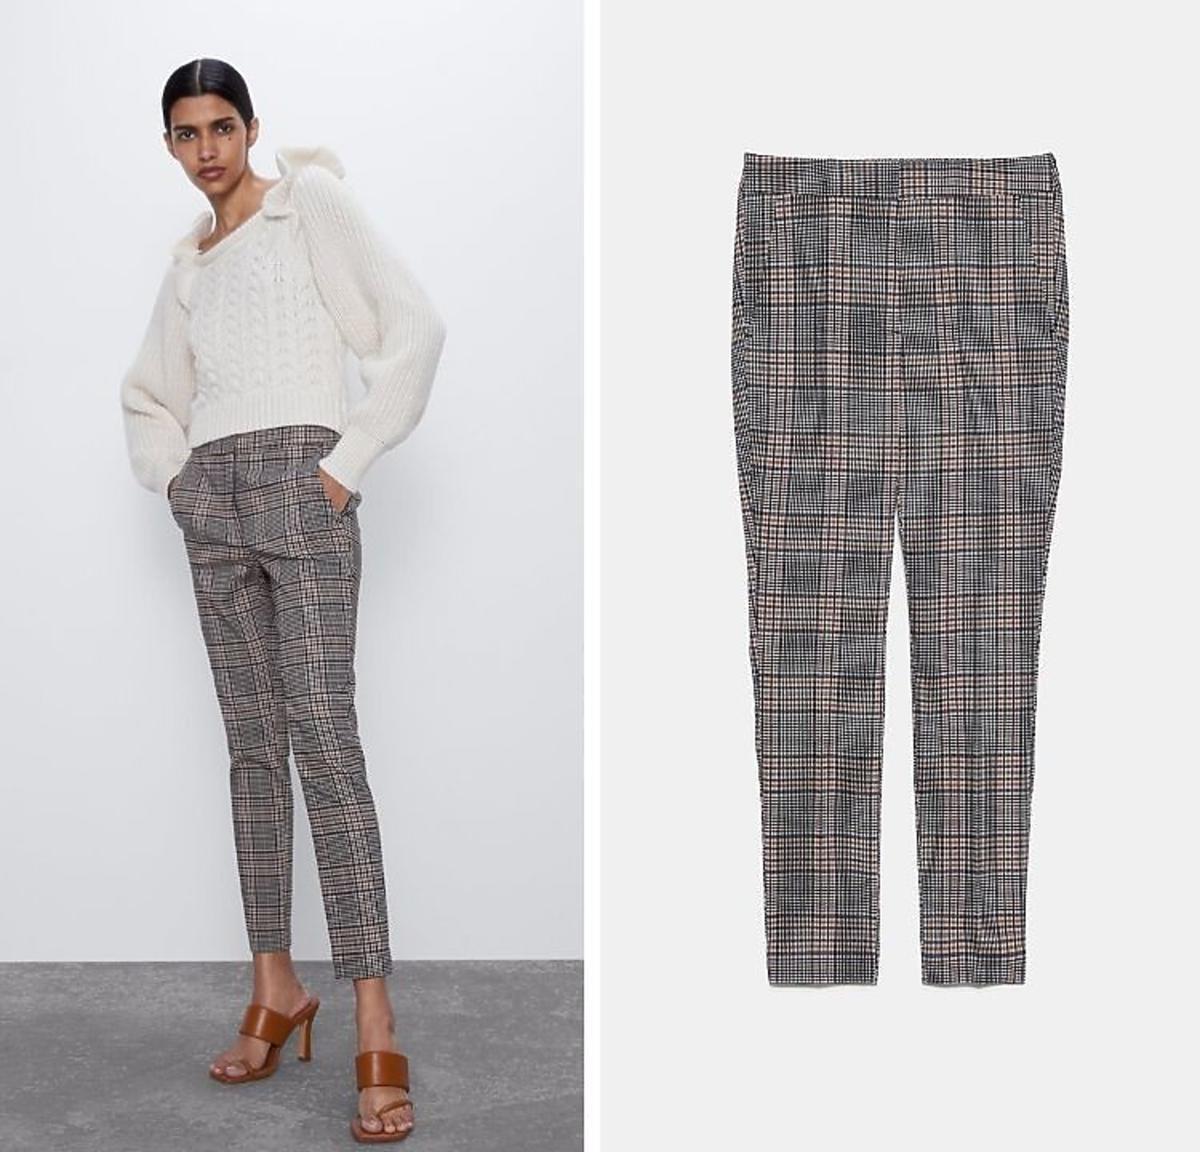 Spodnie w kratkę wyprzedaż Zara